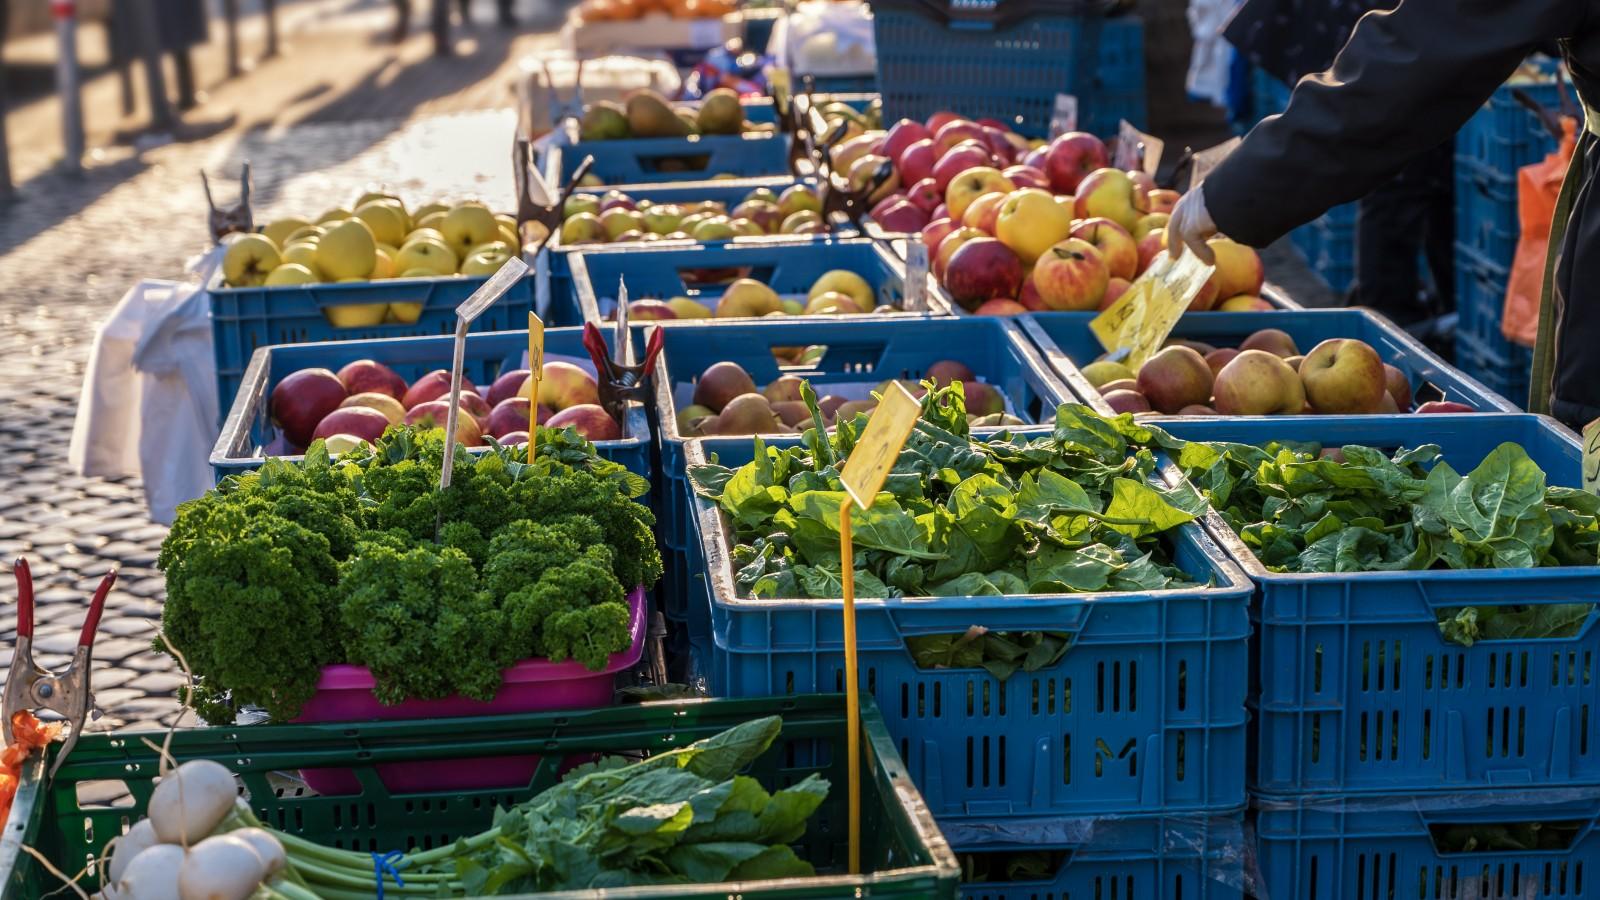 Alleen nog maar voedsel te koop op Weesper markt door corona